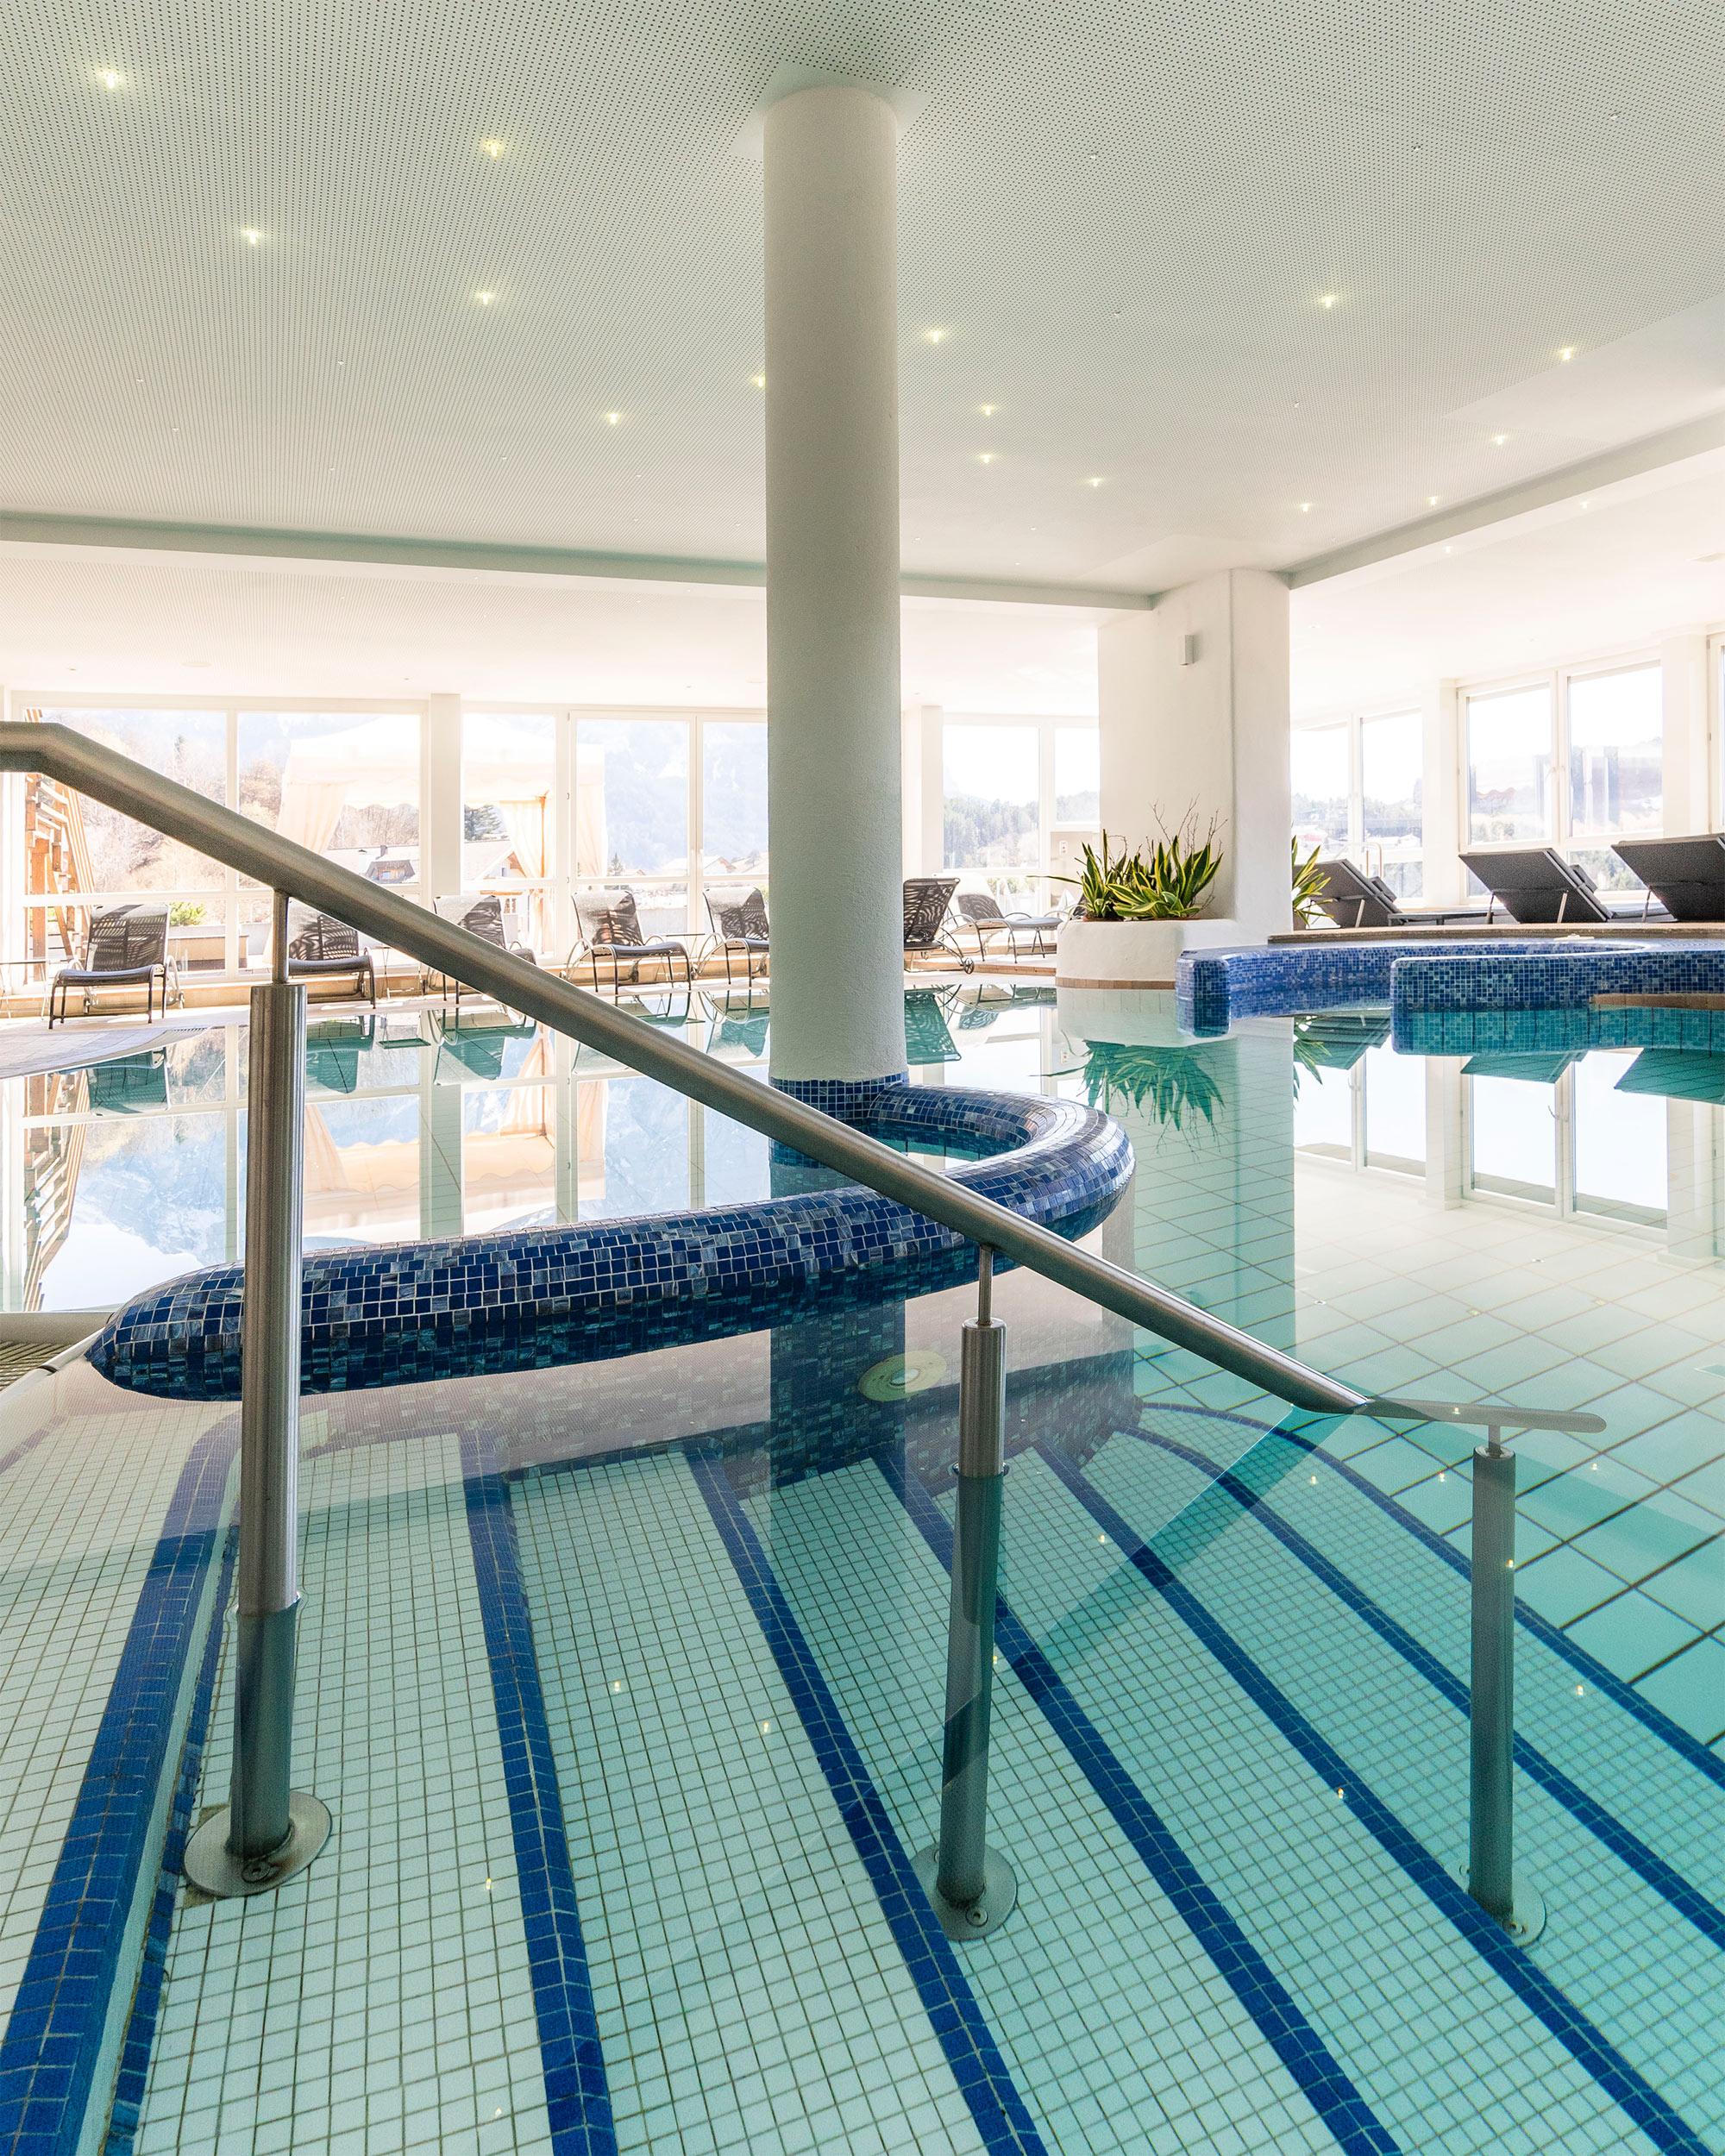 hotel_alpenflora_kastelruth_referenz_03